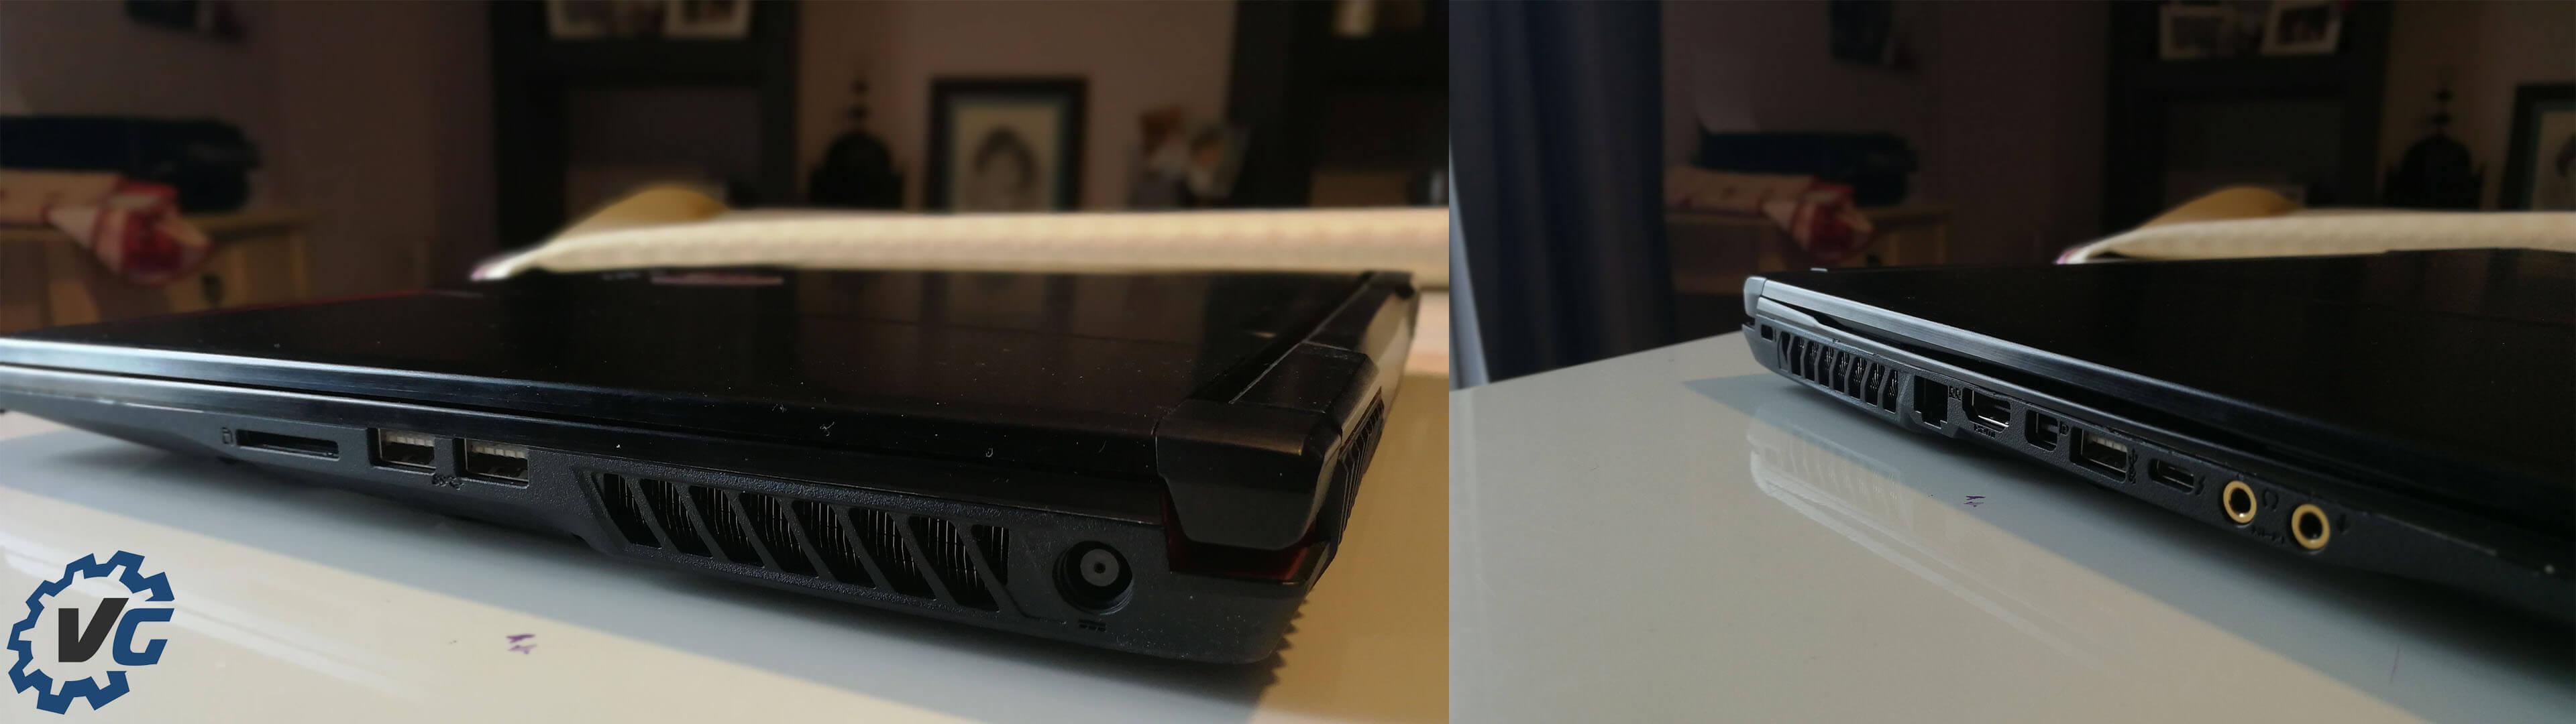 Connectiques du laptop